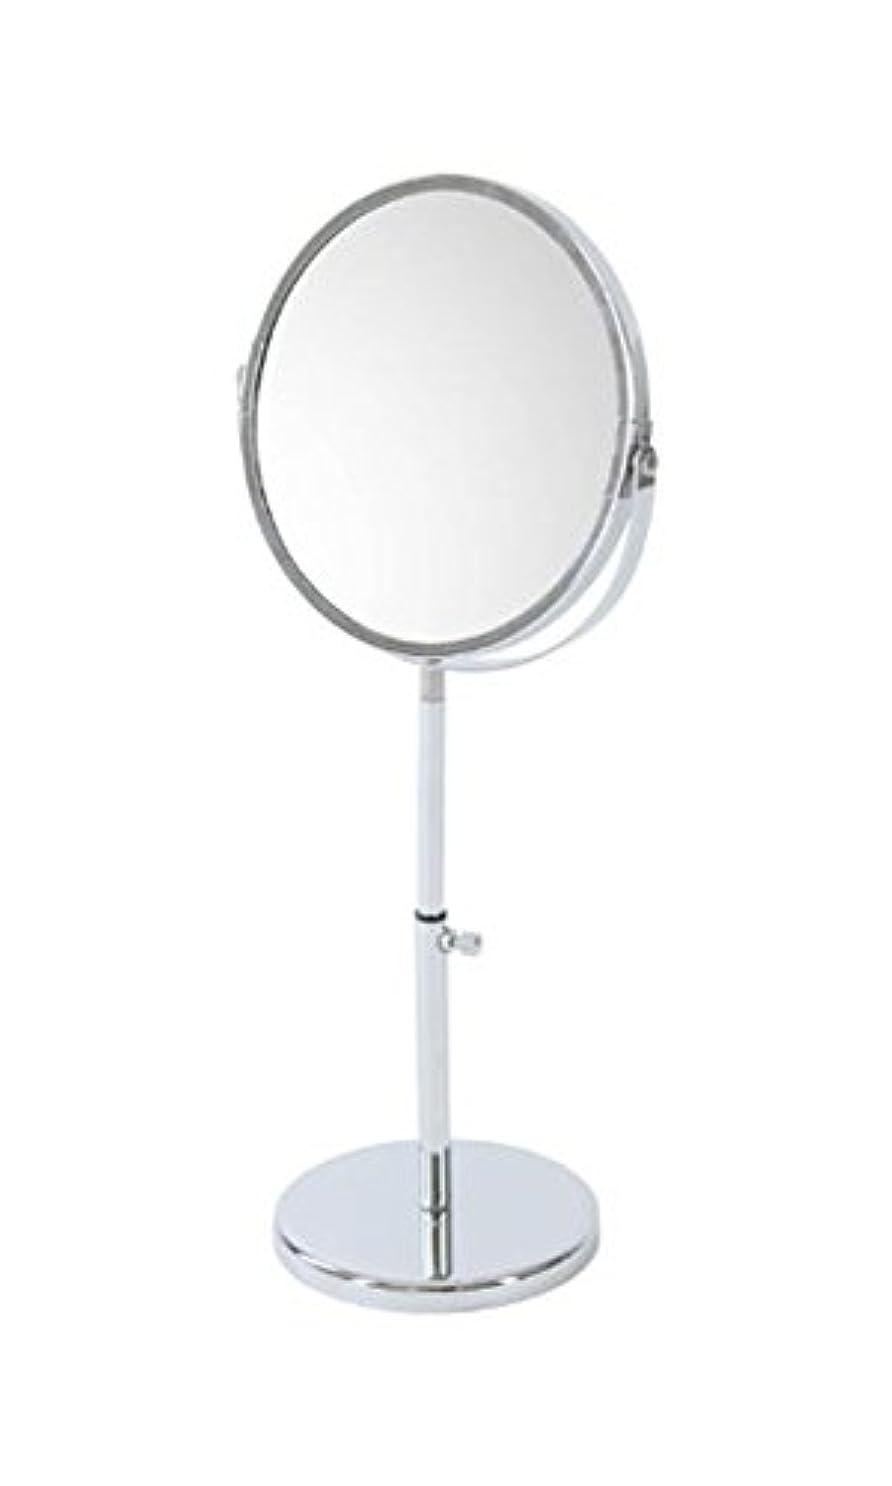 医学豚肉ペインギリックnarumikk メイクアップミラー 拡大鏡付き 高さ調節可能 26- 800